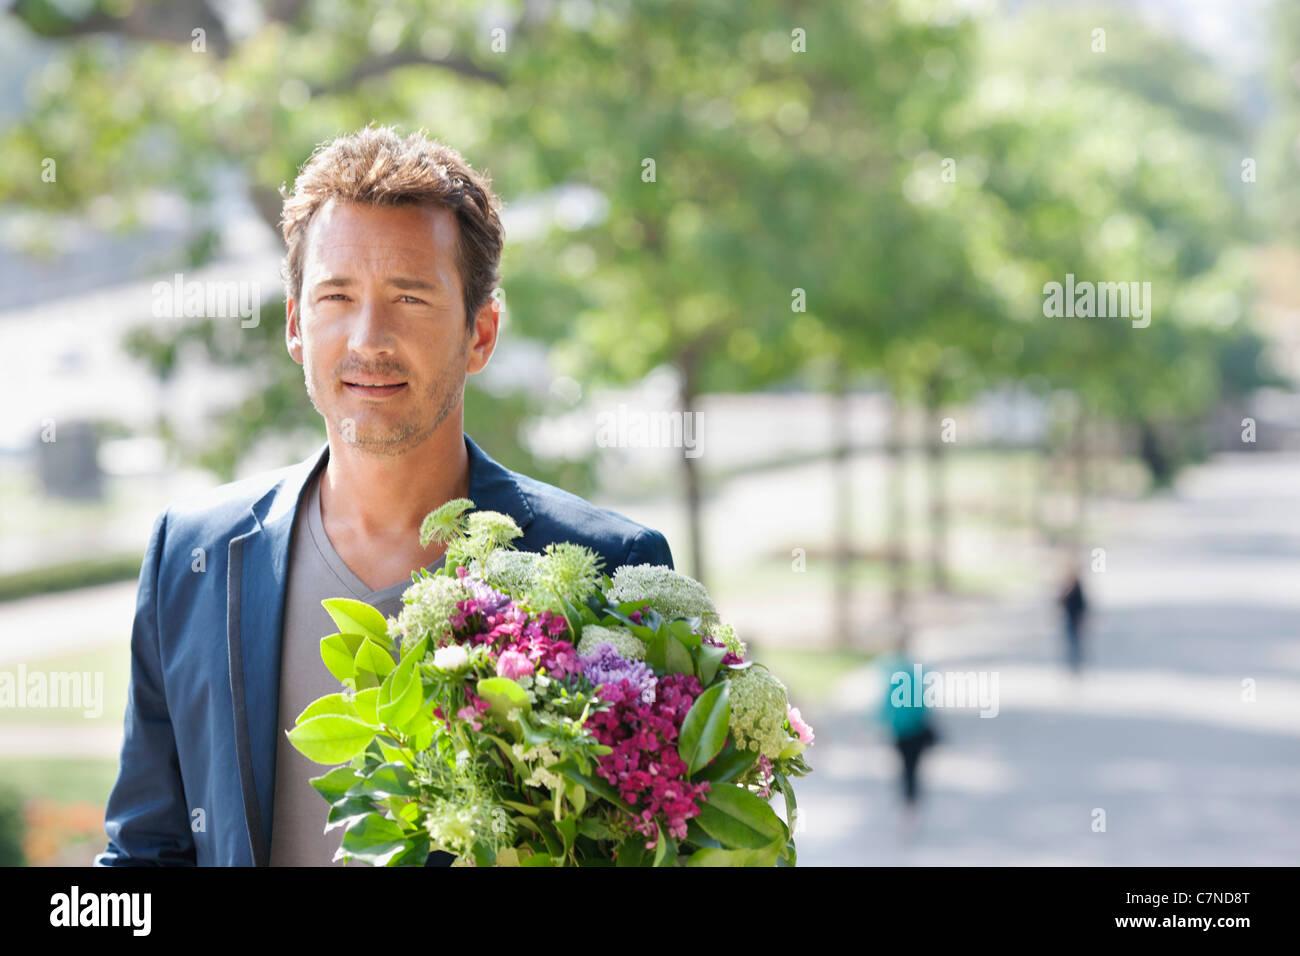 Man with a bouquet of flowers, Paris, Ile-de-France, France - Stock Image